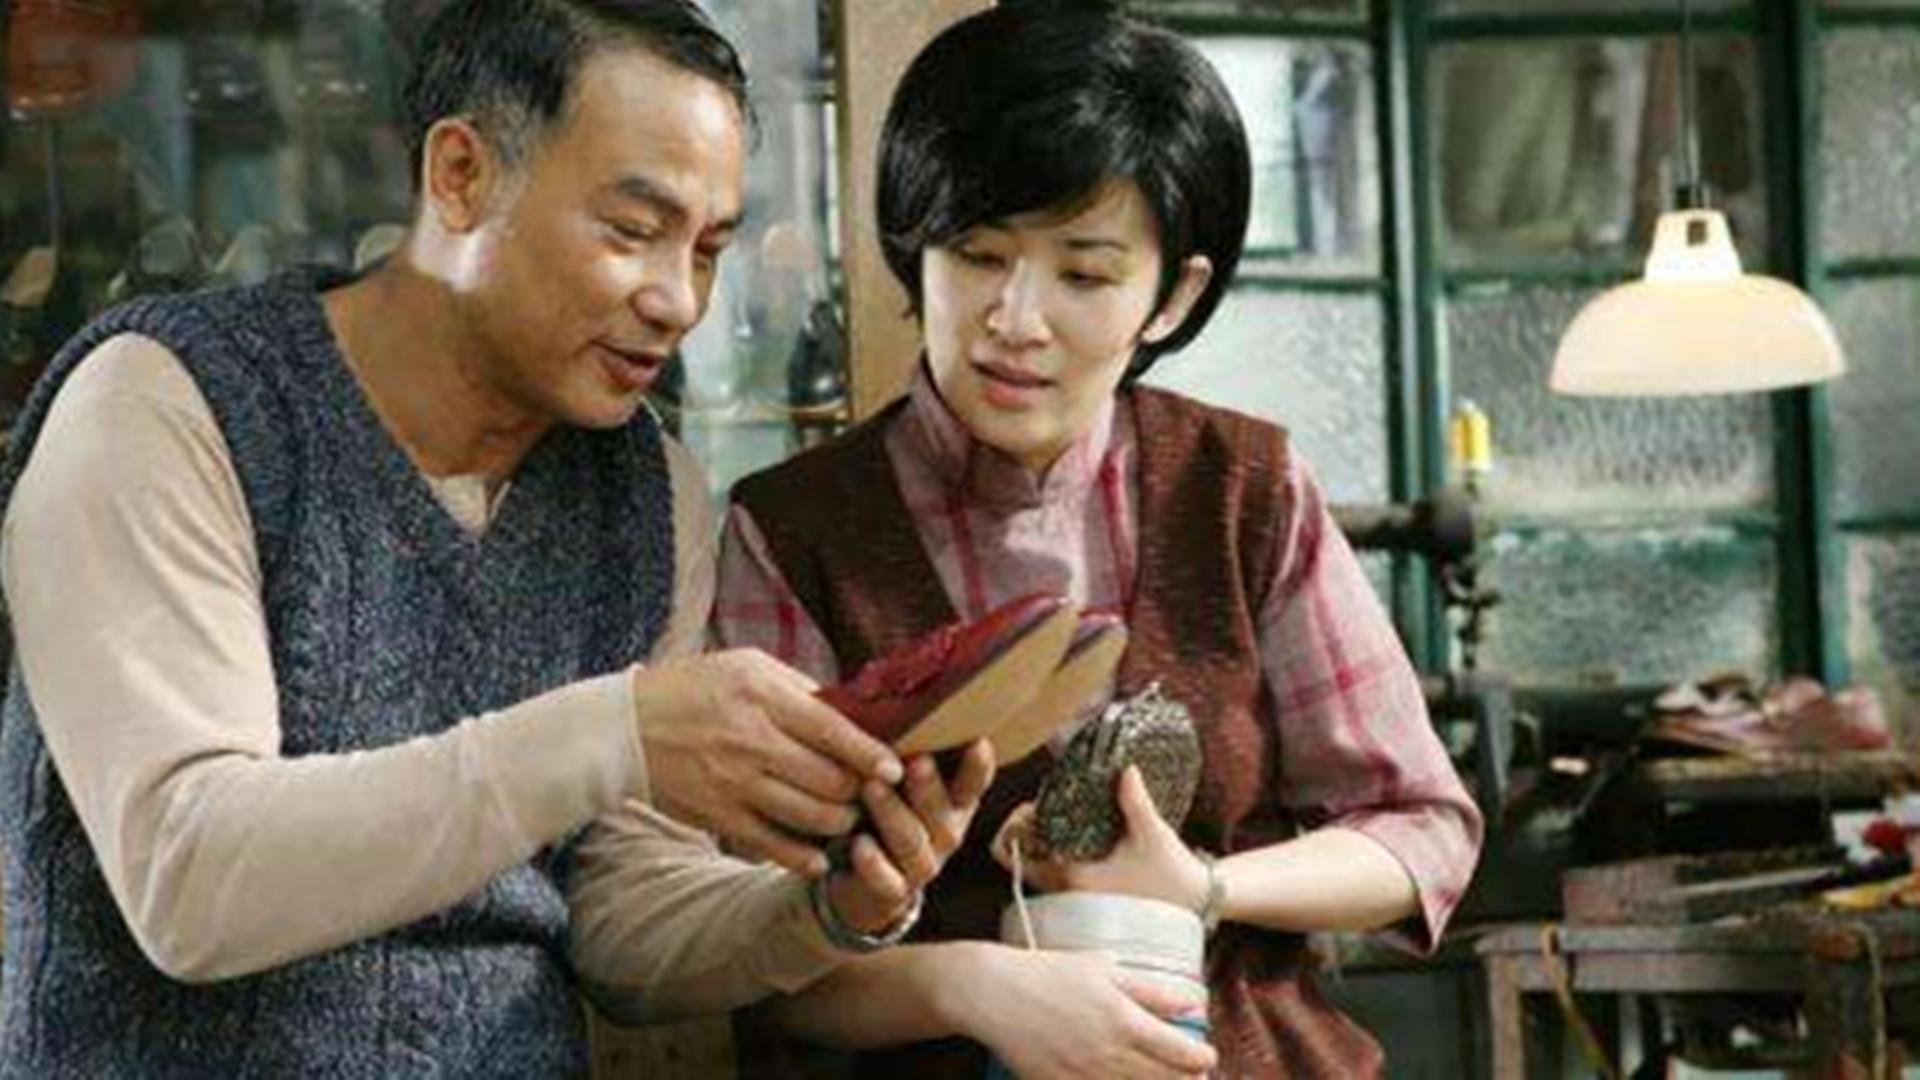 感人至深的八部香港电影,你所熟知的演员可能都在这里!